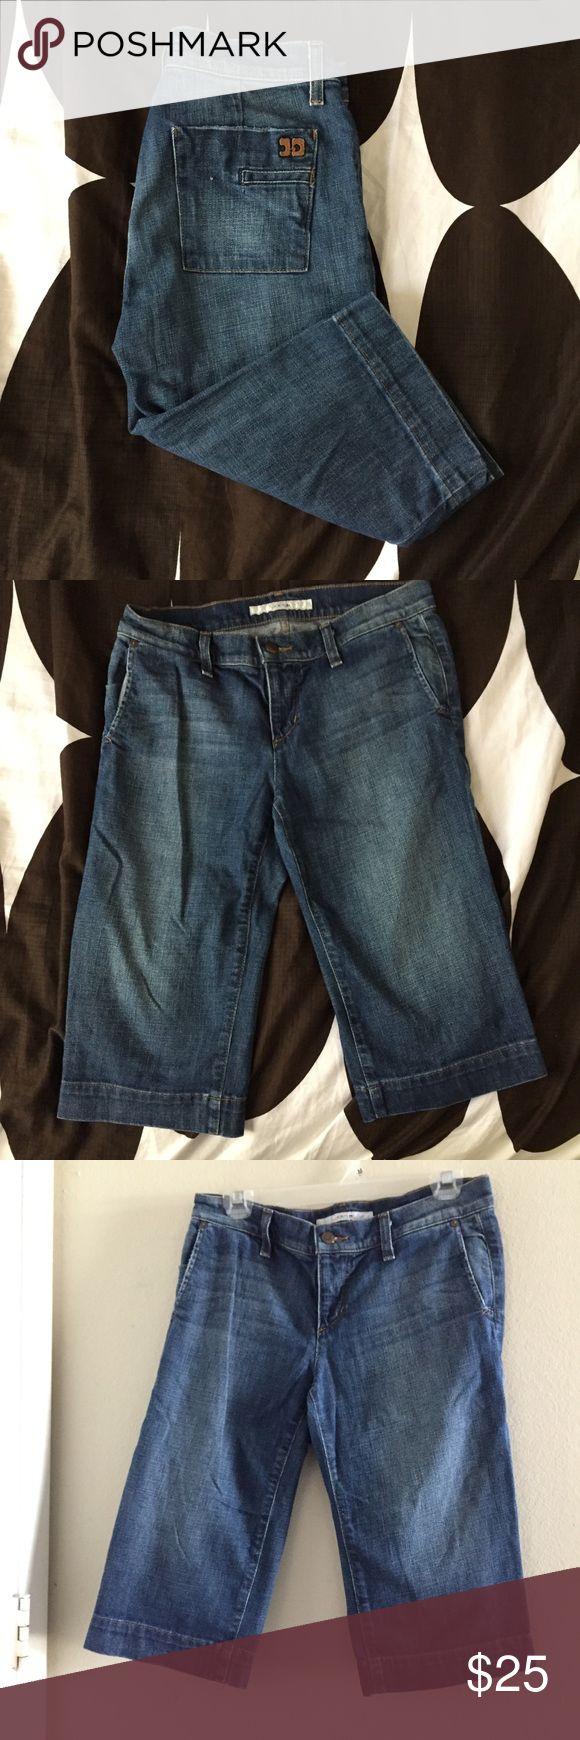 JOE'S jeans Size 27 Denim Capri Jeans JOE'S jeans Size 27 Denim Capri Jeans  Size: 27  Materials: 98% Cotton 2% Lycra  Measurements: Waist: 15.5in Hips: 19in Rise: 8in Inseam: 15.5in Length: 23in Joe's Jeans Jeans